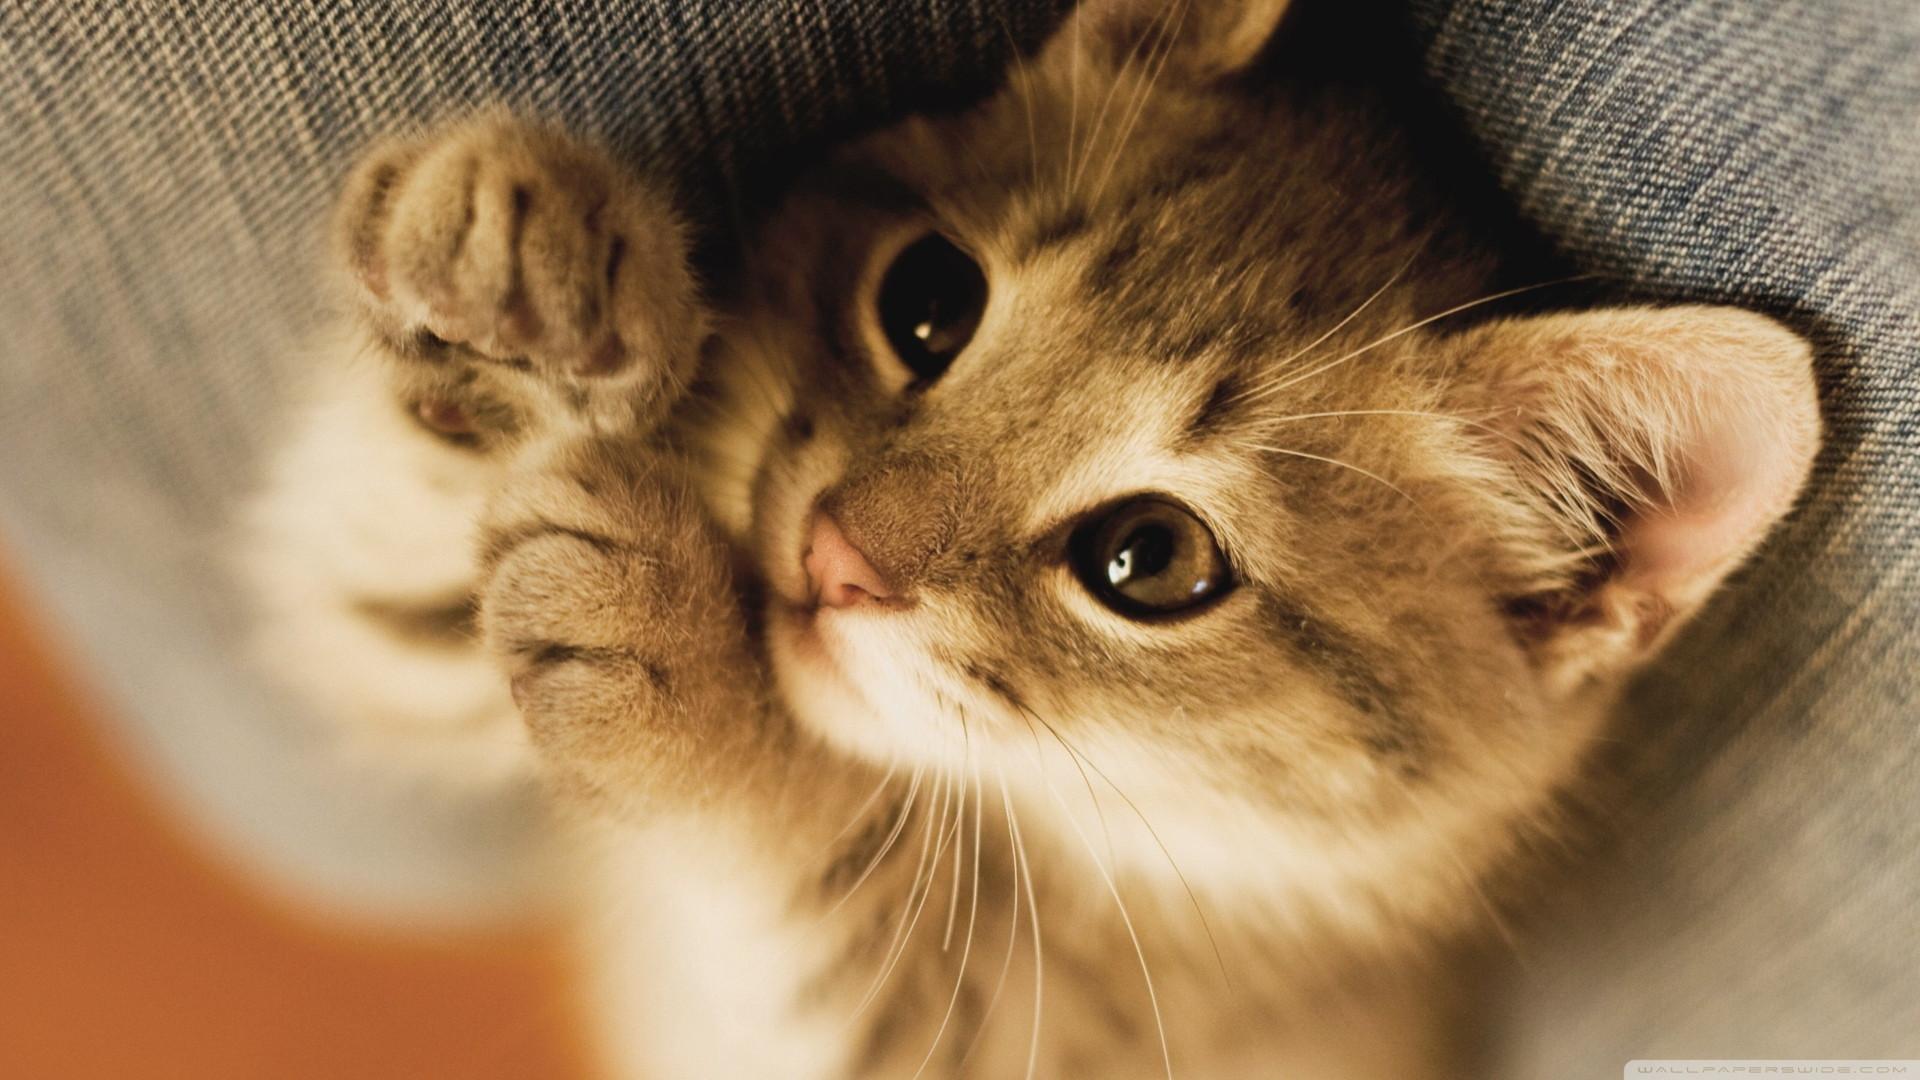 Mèo con hay mèo trưởng thành đều đáng yêu, tuy nhiên mèo con lại có những nét ngây ngô, tinh nghịch khác biệt mà khi nhìn thấy thì ai cũng dễ dàng ...